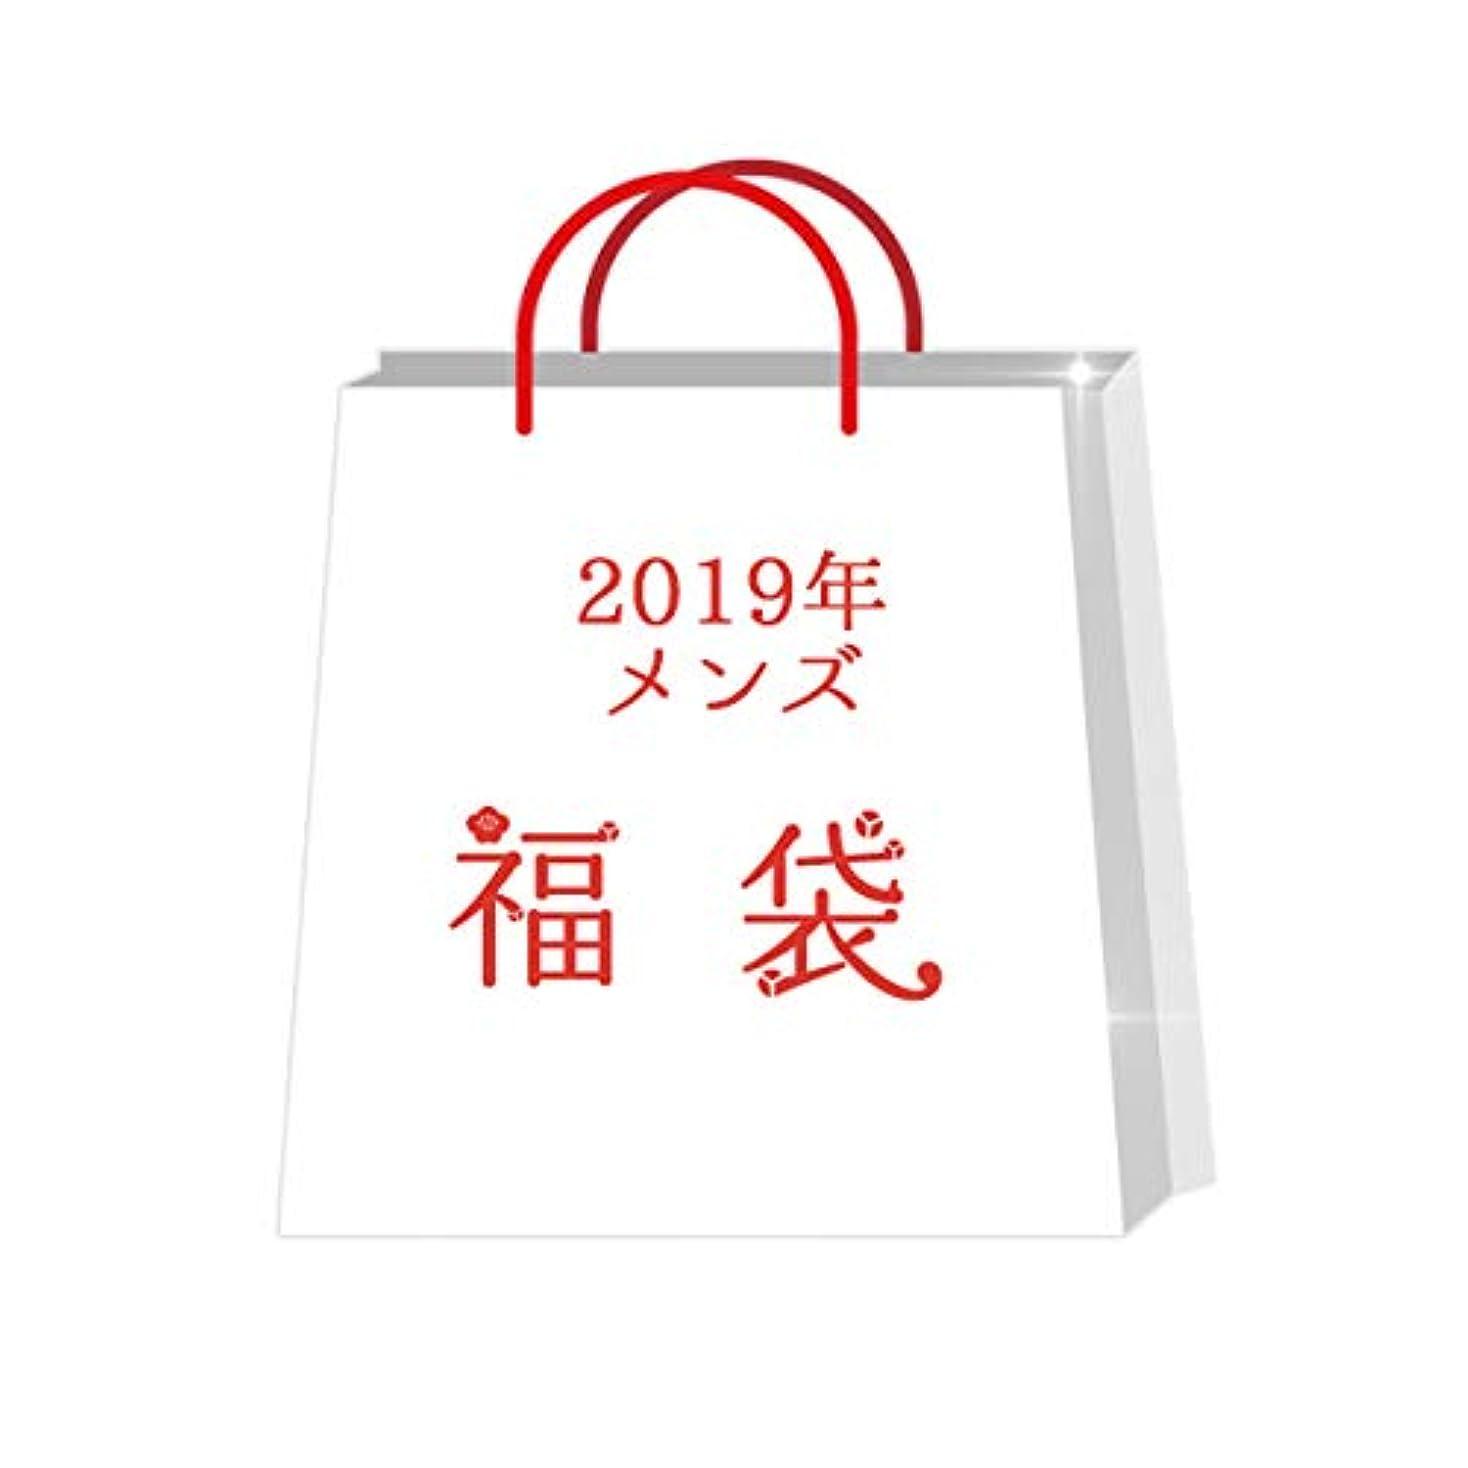 花童謡先駆者2019年福袋 ◆ 運だめし福袋! 1000円ぽっきり メンズ 福袋!